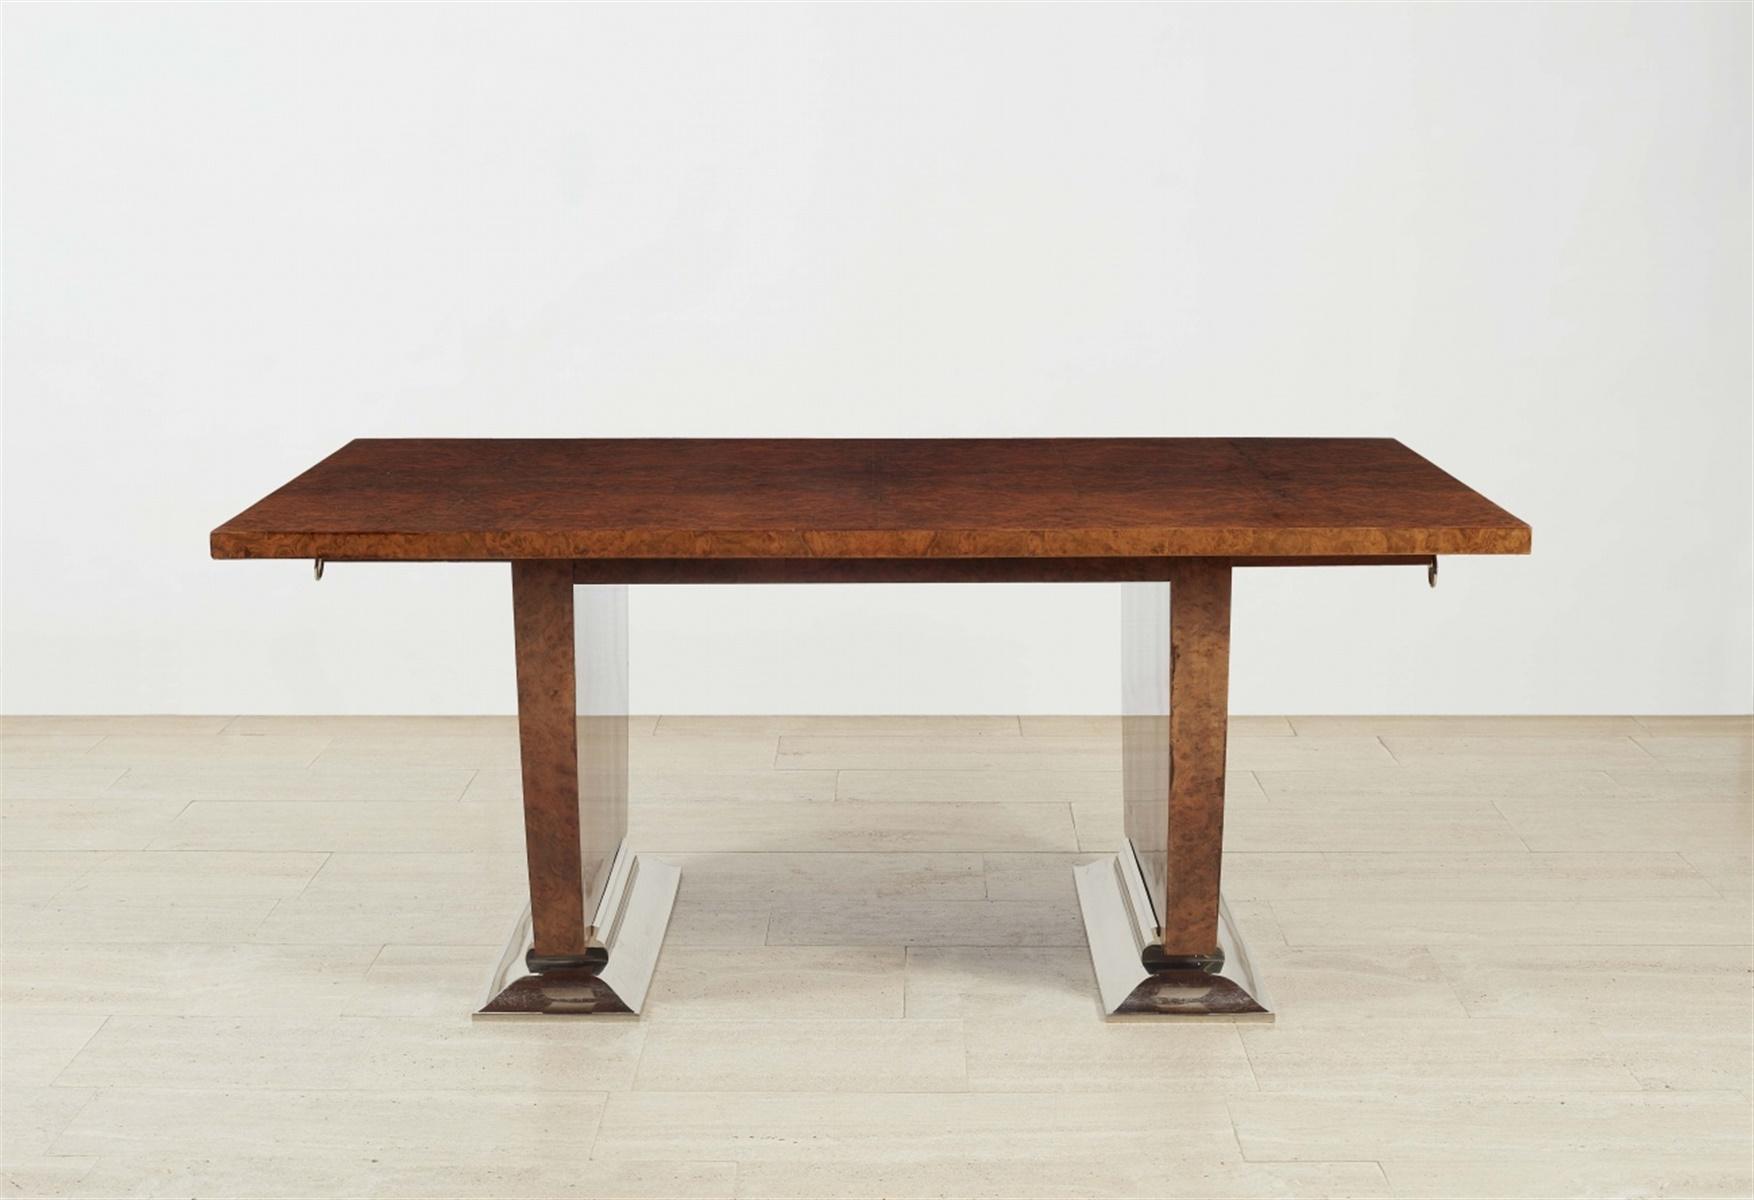 Esstisch Nr. 1219Rapportgeschnittenes Maserfurnier auf Eiche, Metallfüße. Repräsentativer Tisch